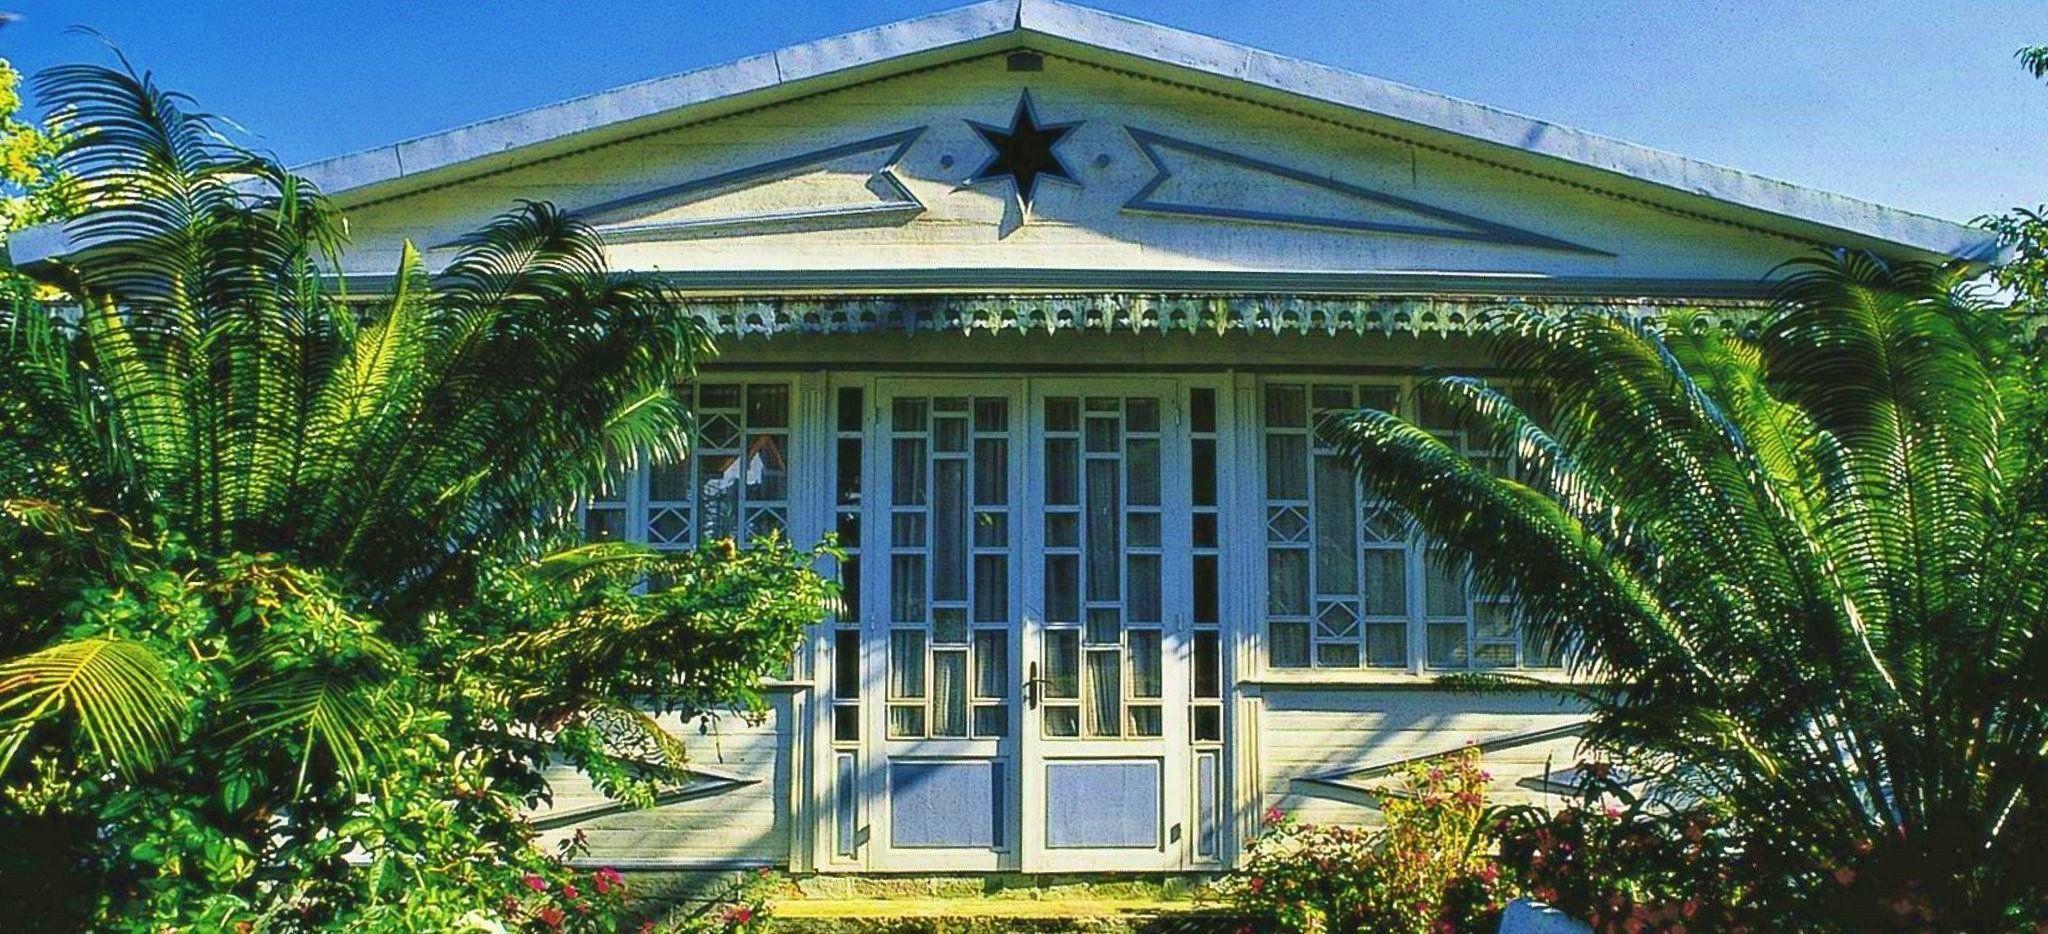 """Das Hauptgebäude des Hotel """"le Relais des Cimes"""" auf La Réunion"""